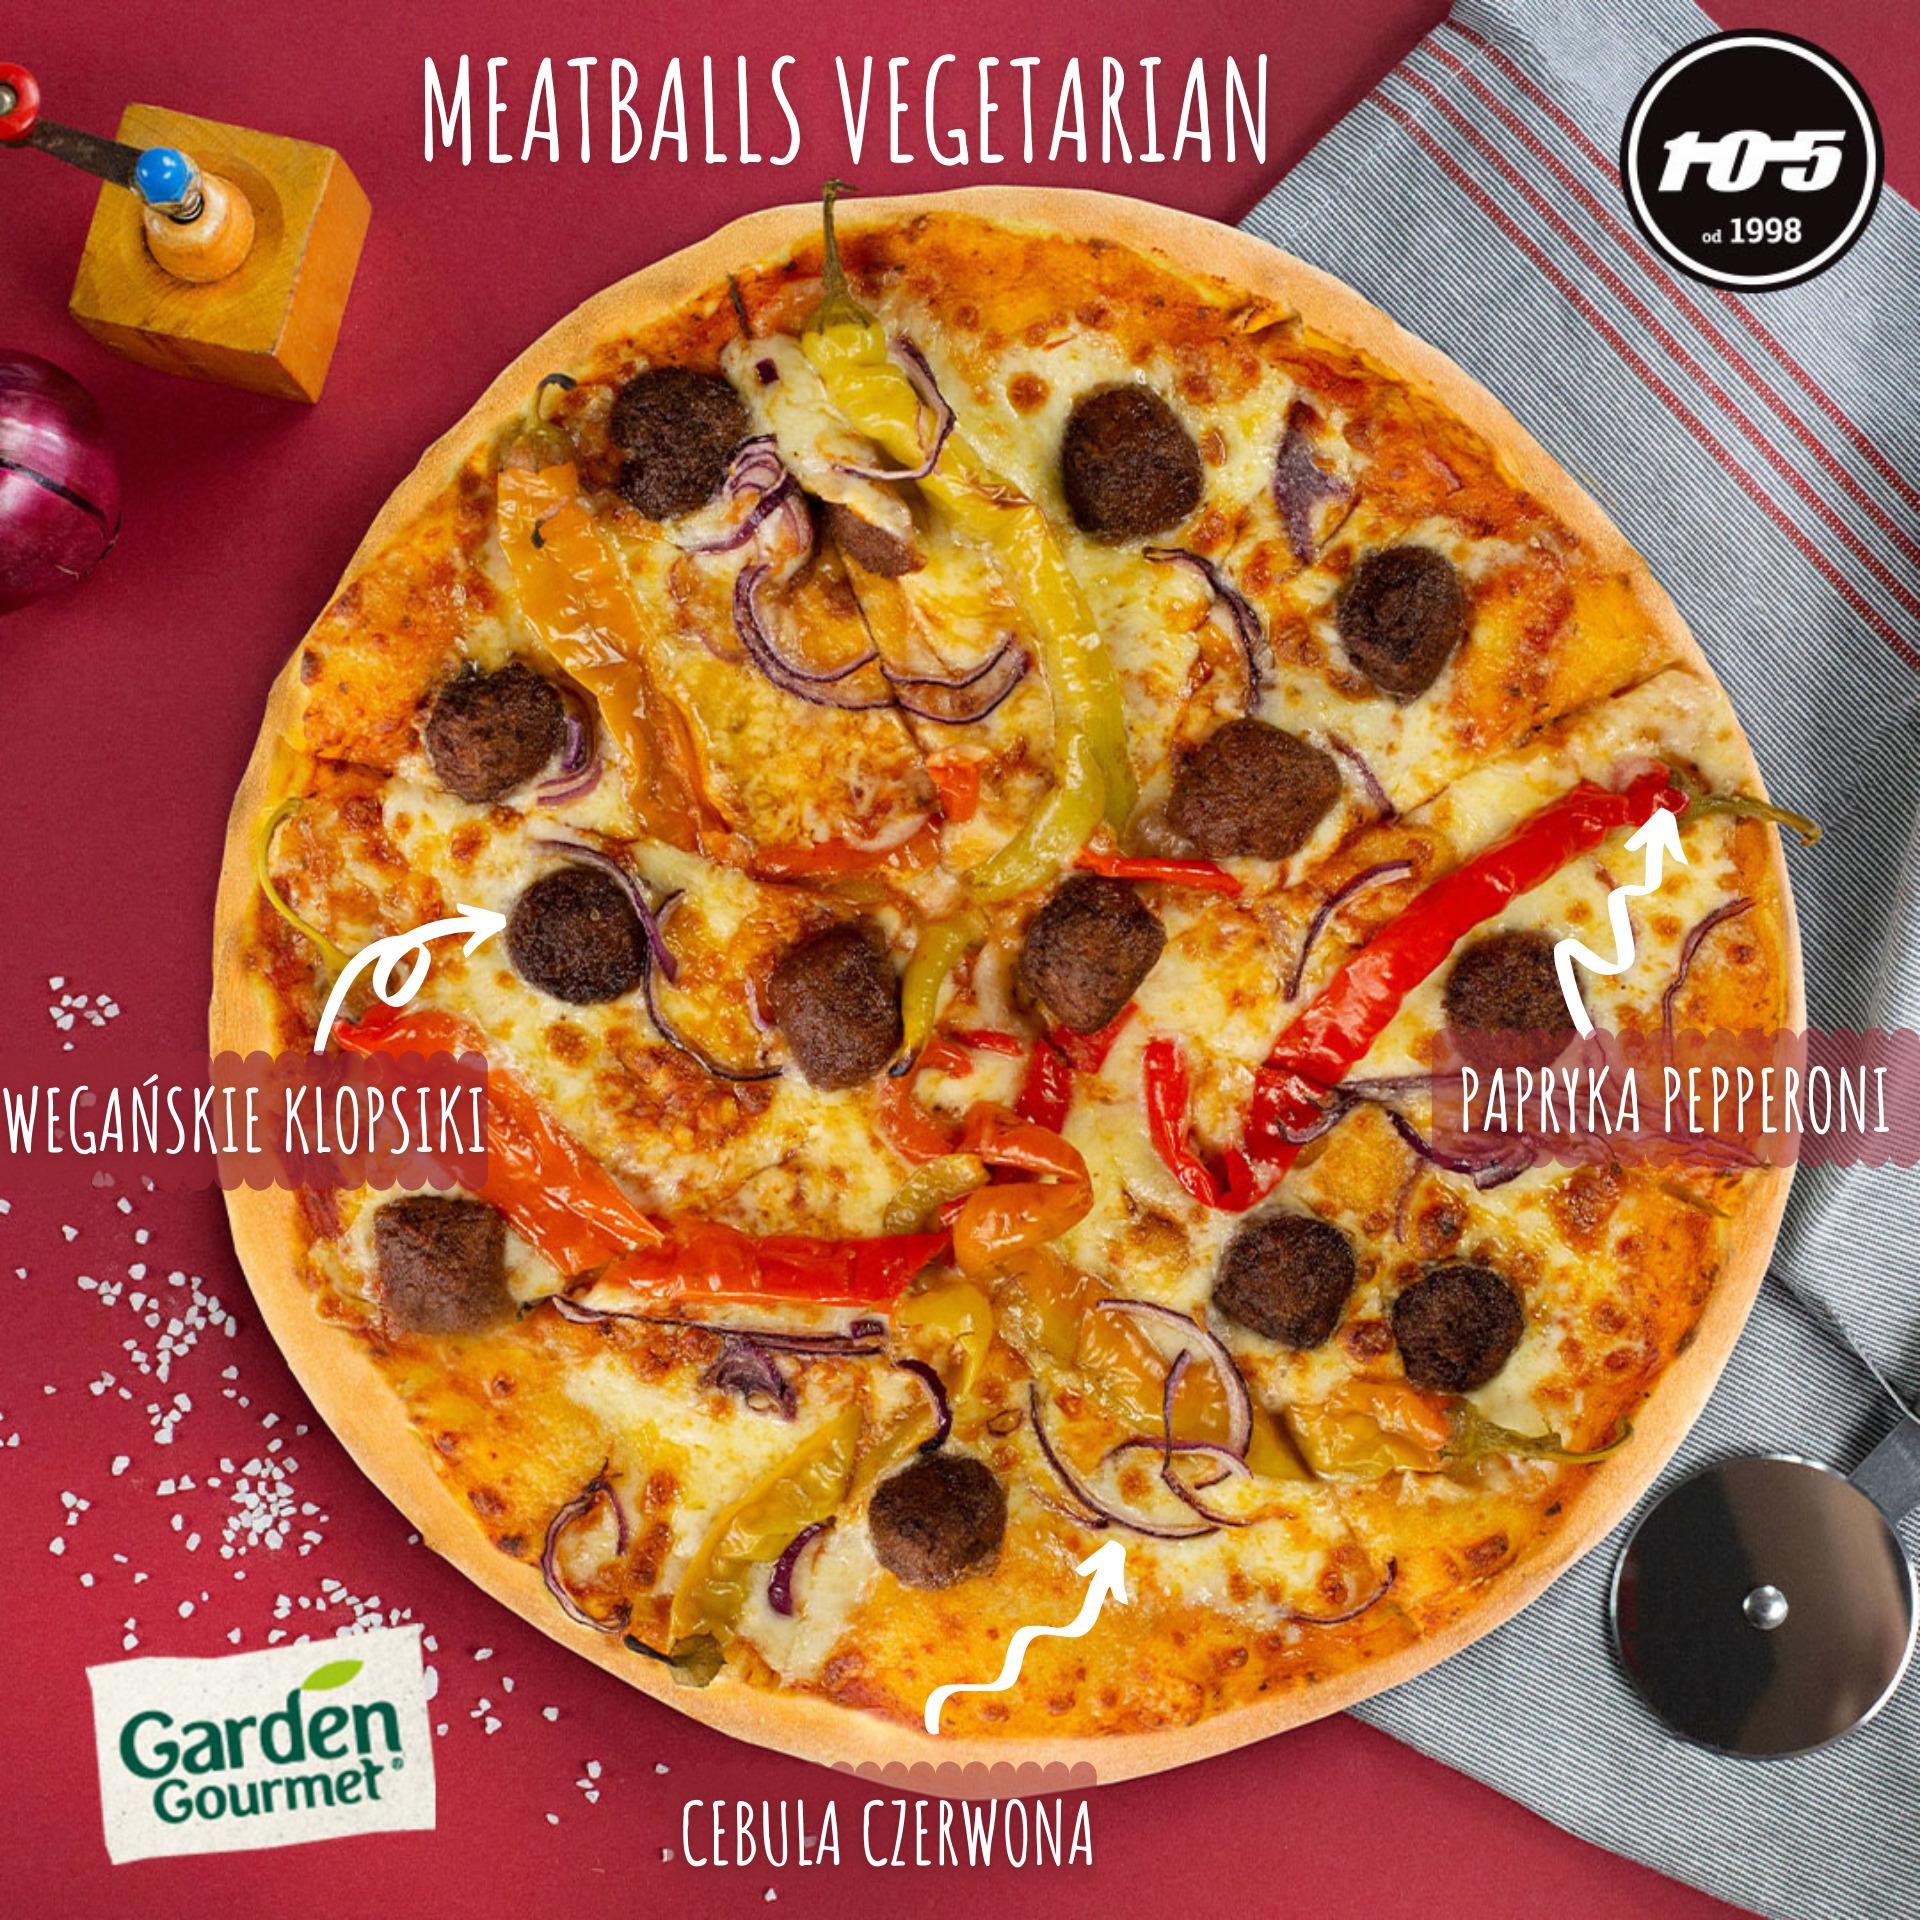 meatballs vegetarian 02 Pizzeria Stopiątka otworzyła swój pierwszy lokal w Zamościu.